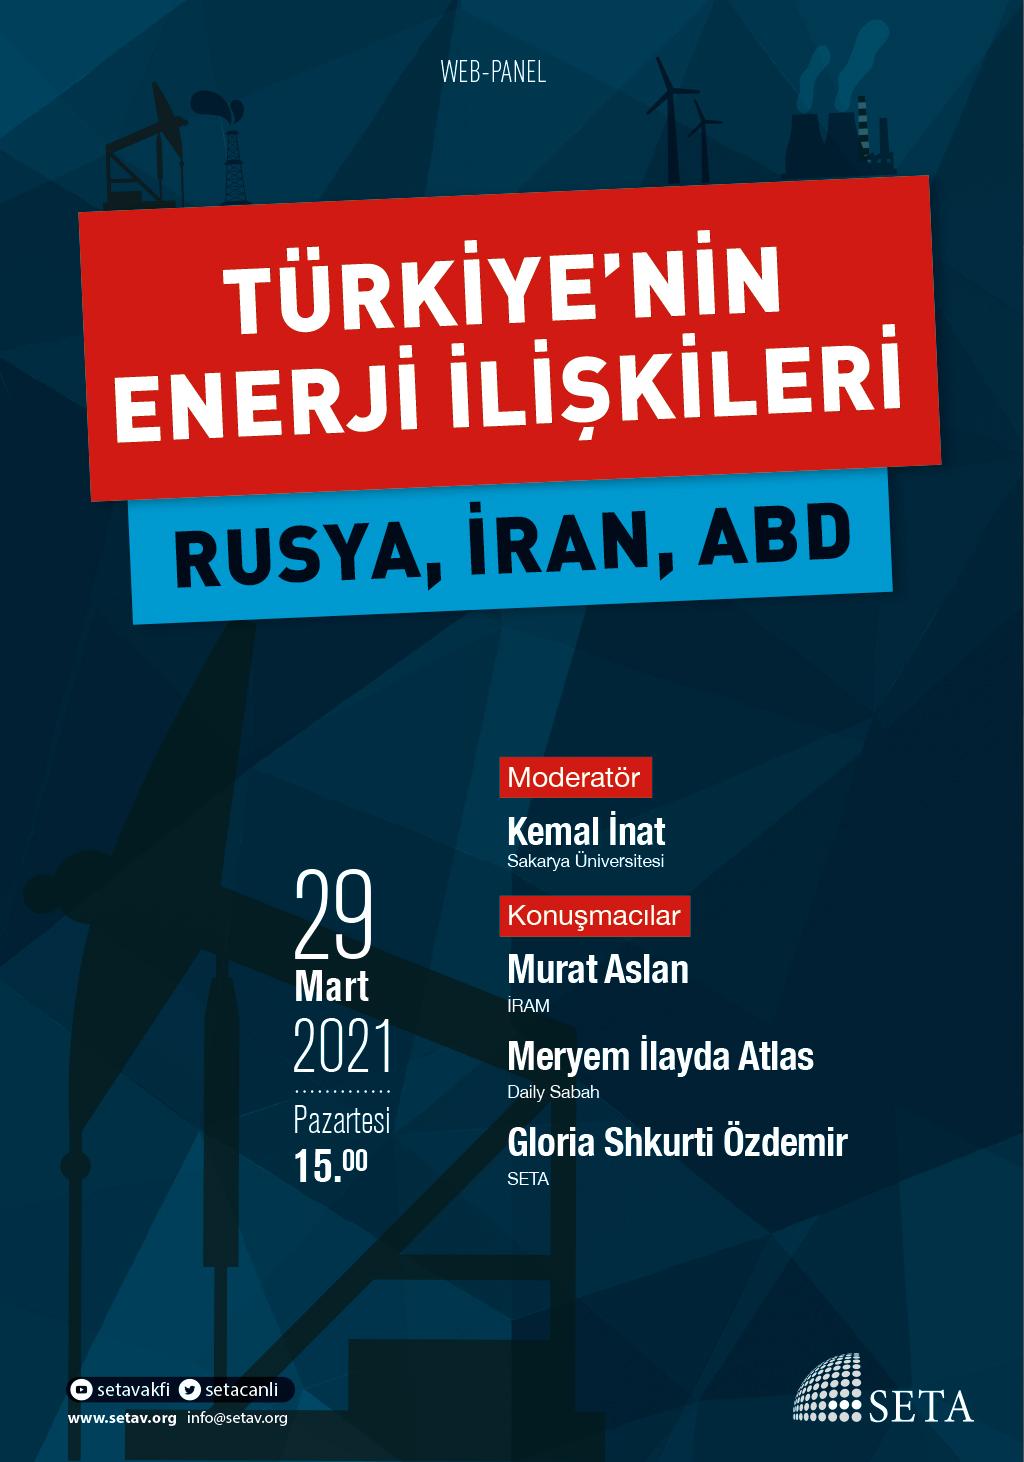 Web Panel: Türkiye'nin Enerji İlişkileri   Rusya, İran, ABD